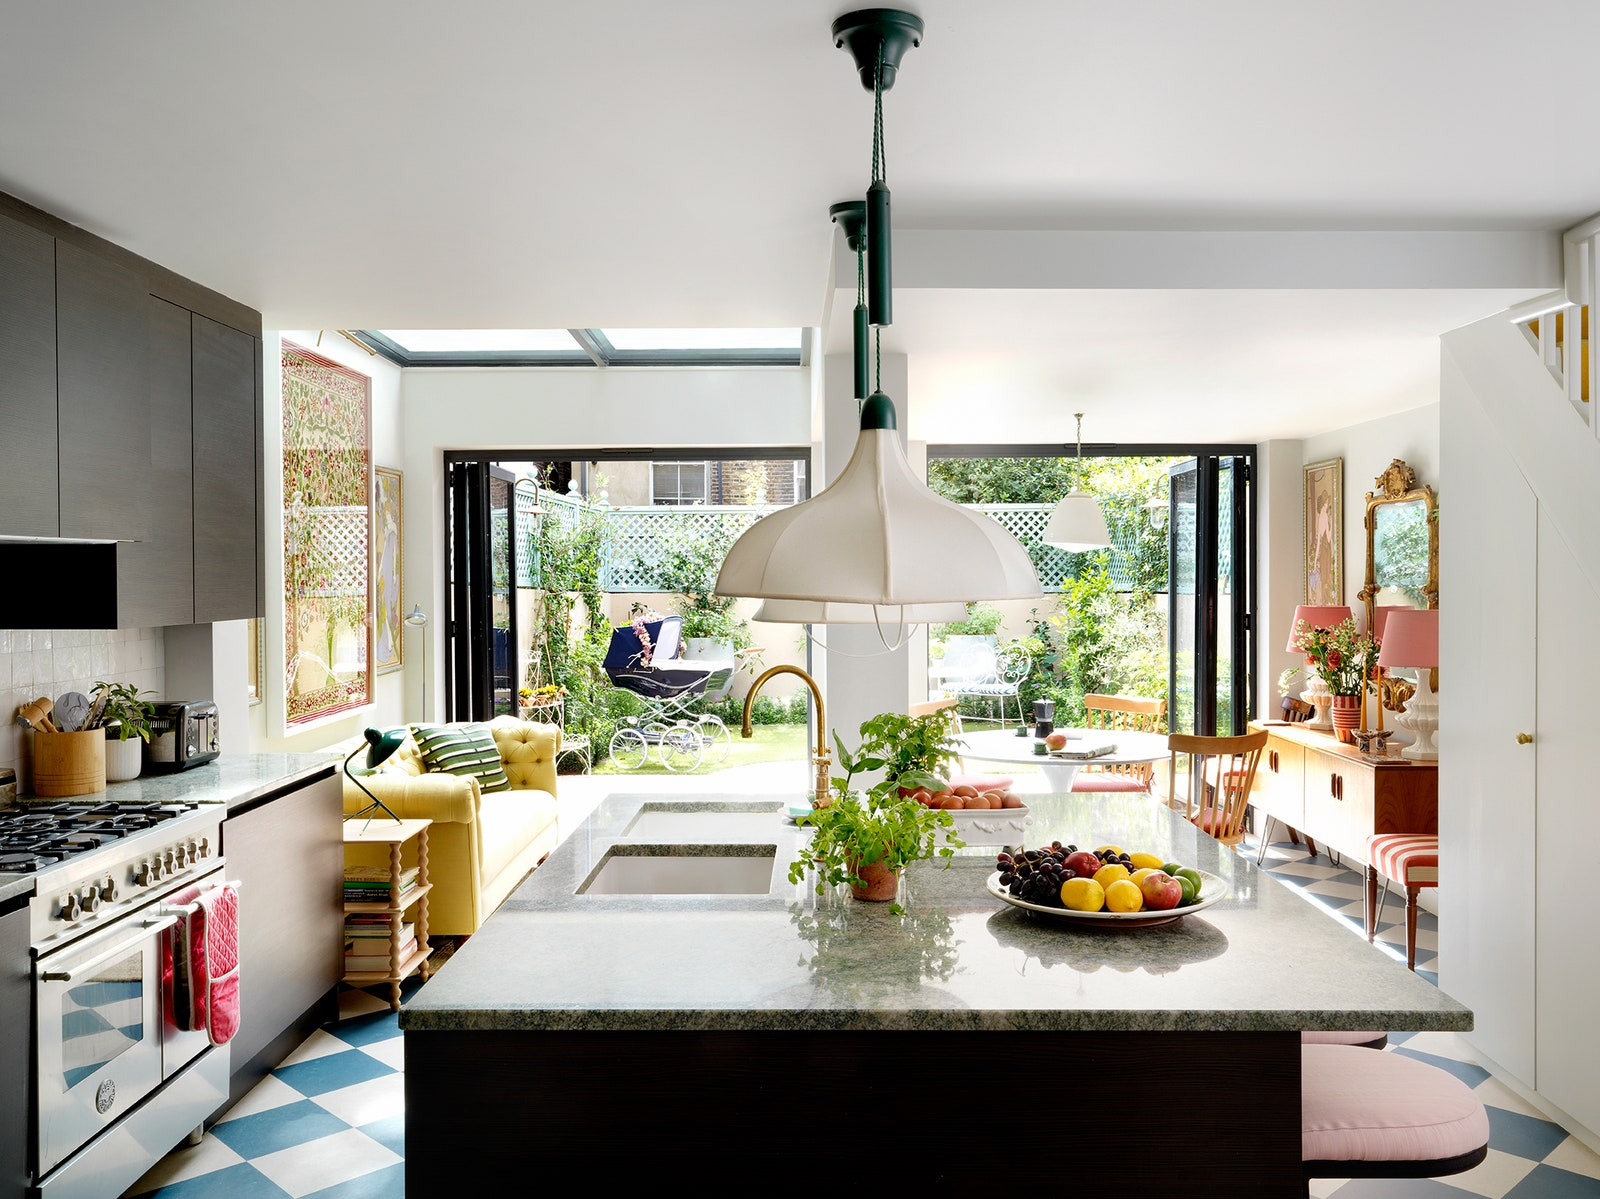 Nhà phố có không gian sống 3 trong 1 cực ấn tượng với decor màu ngập tràn sắc xuân - Ảnh 4.